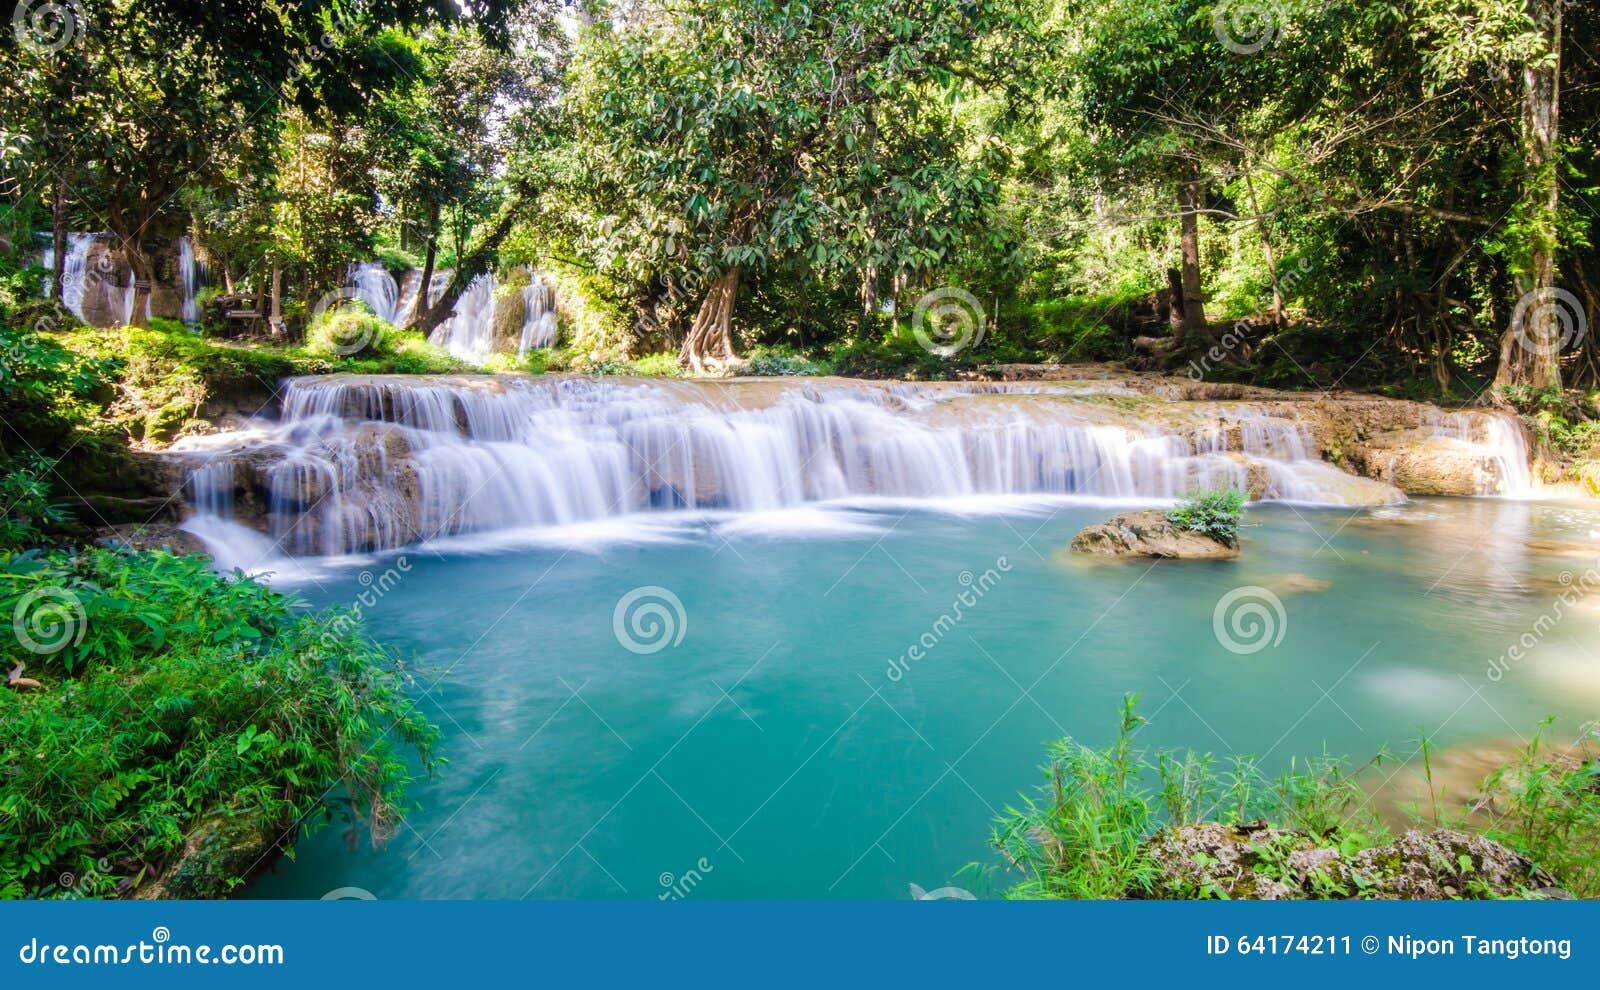 Than Sawan Waterfall, Paradise Waterfall In Tropical Rain ...